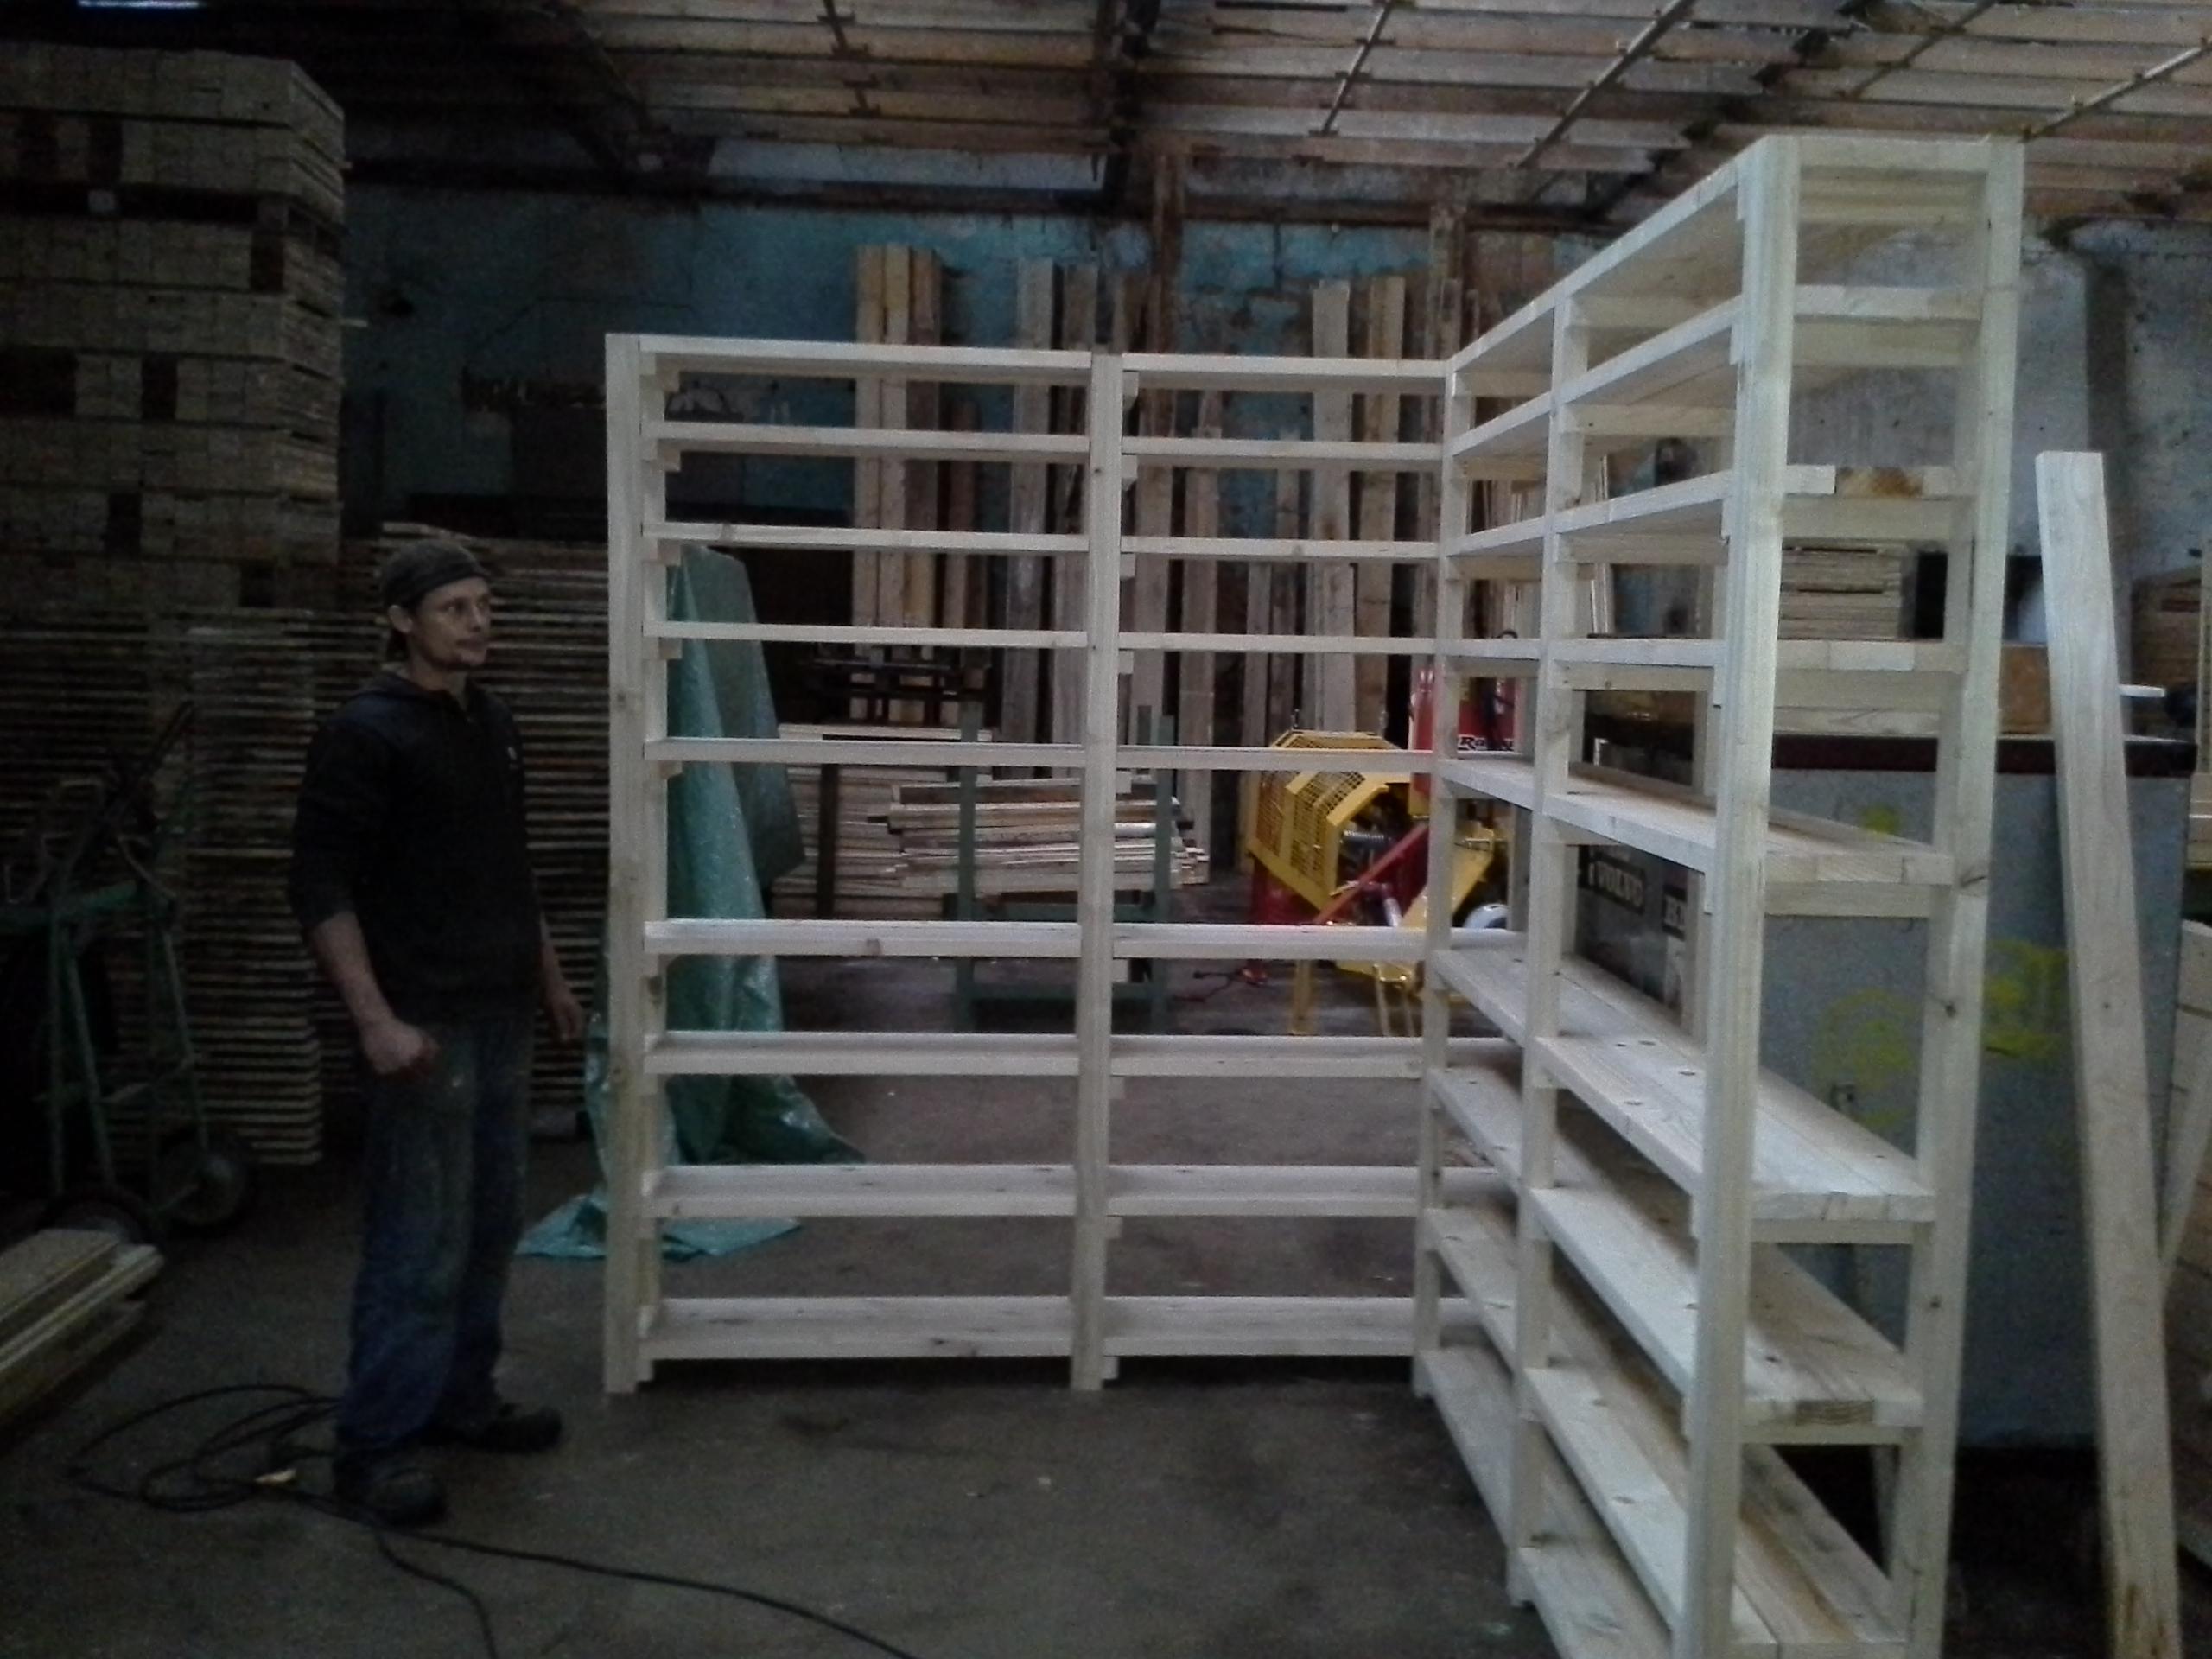 mobilier d interieur machet production. Black Bedroom Furniture Sets. Home Design Ideas